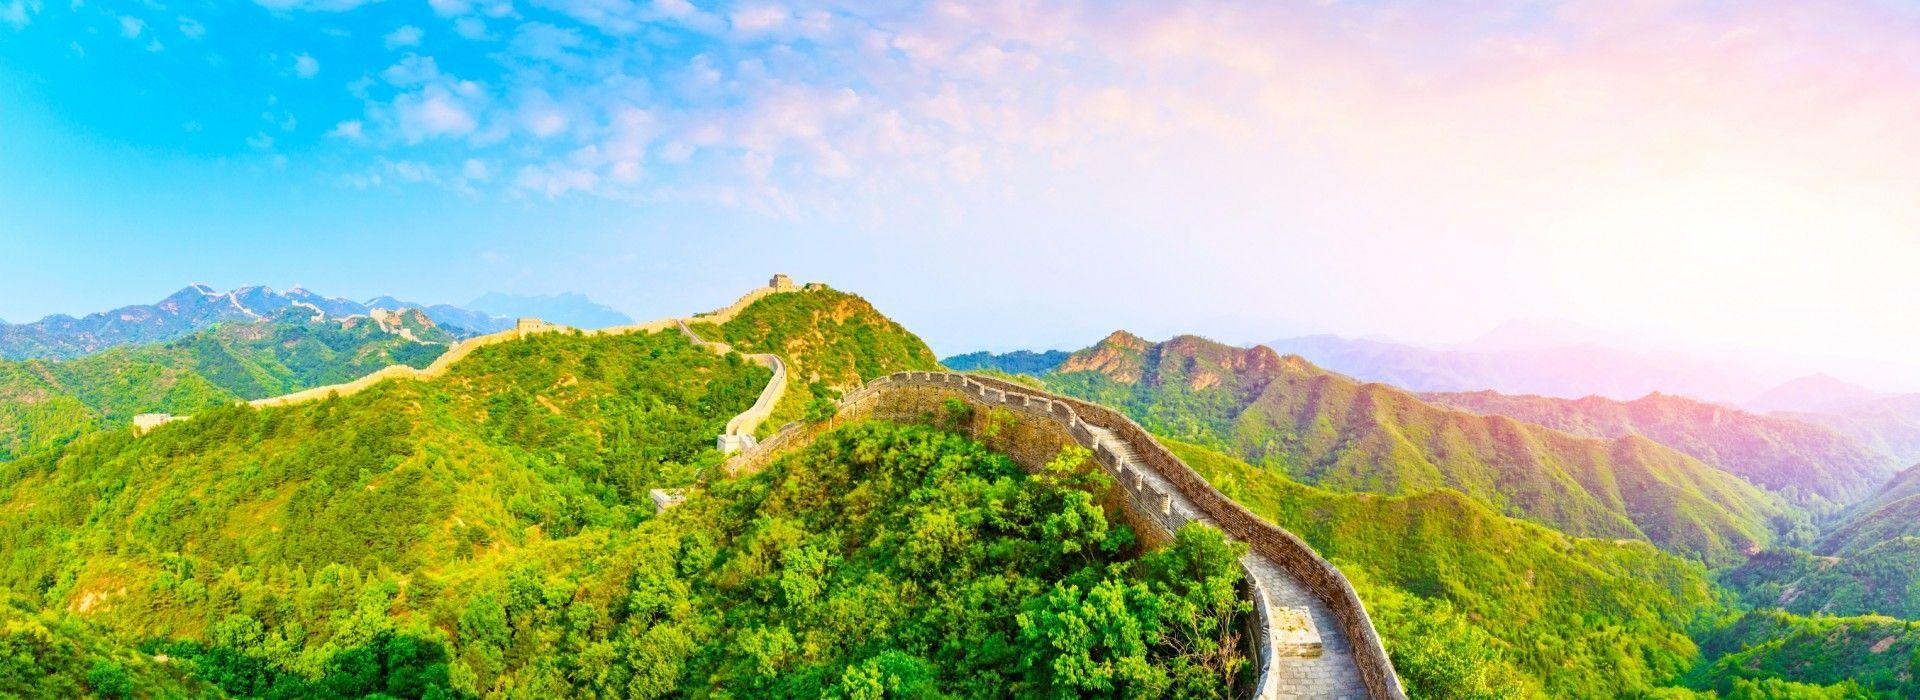 Natural landmarks sightseeing Tours in Xian